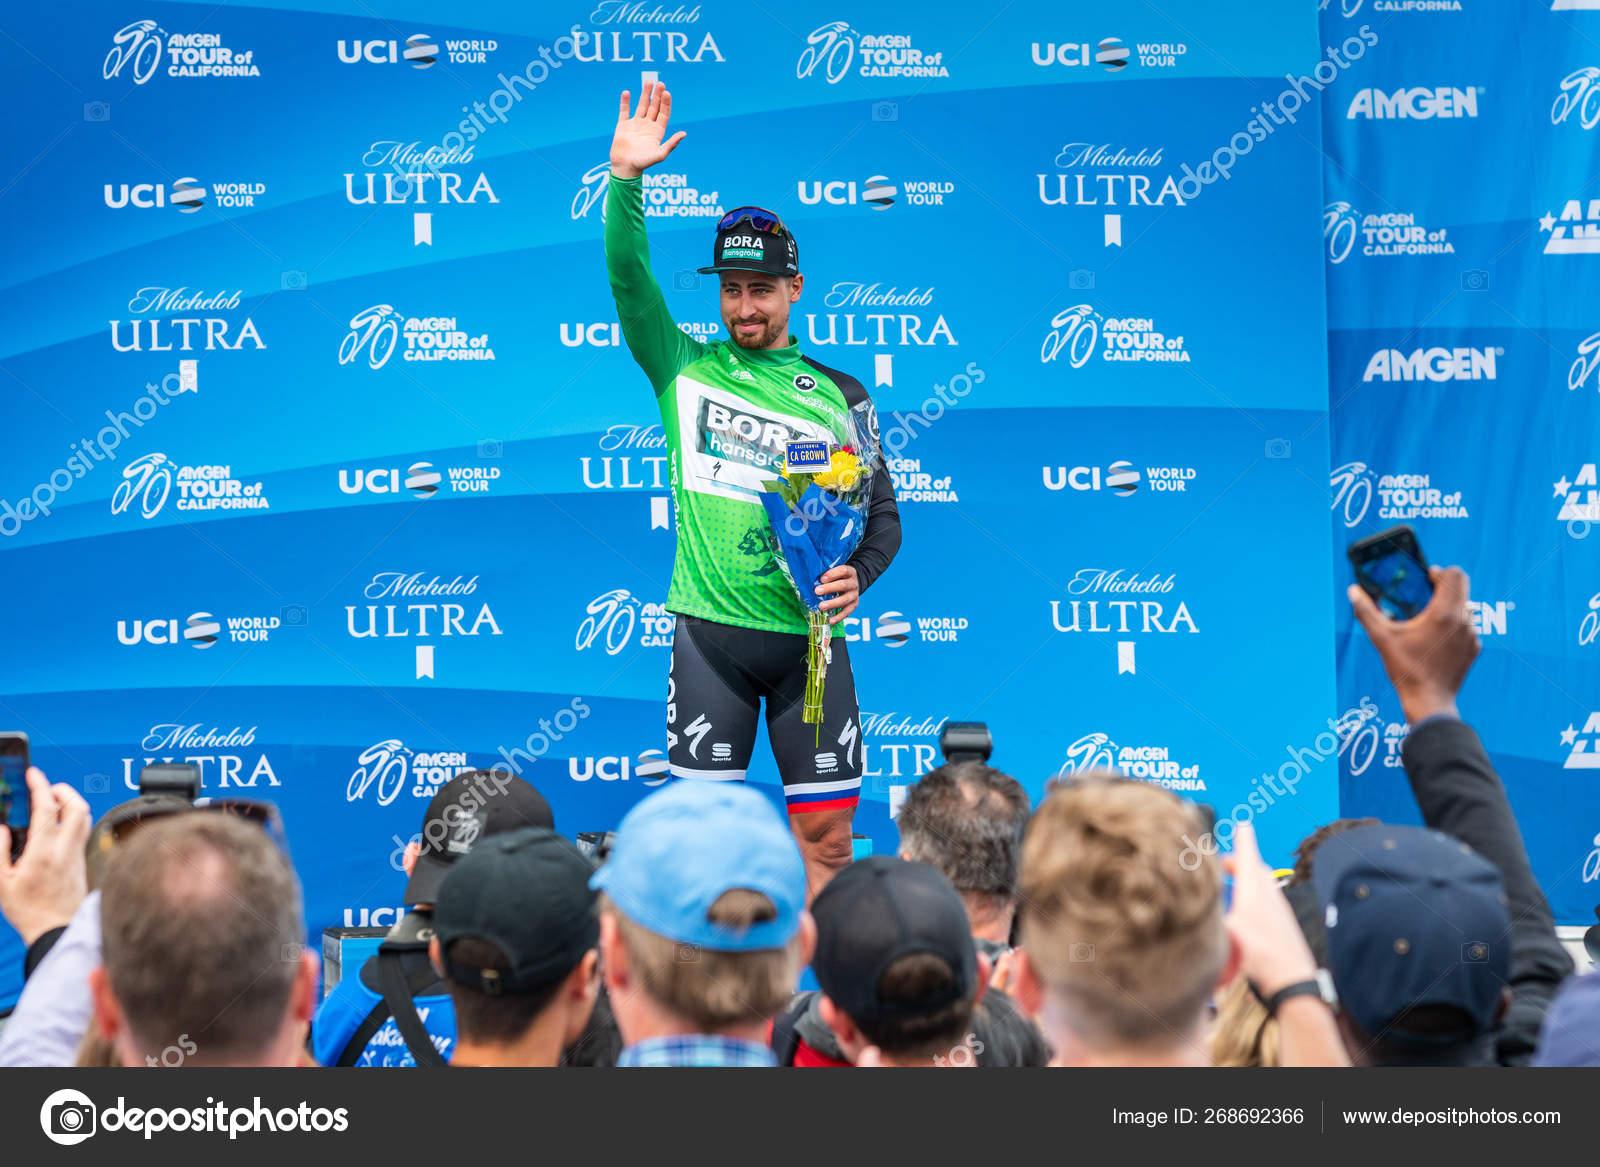 Peter Sagan Amgen Tour California 2019 Cyclists Cross Finish